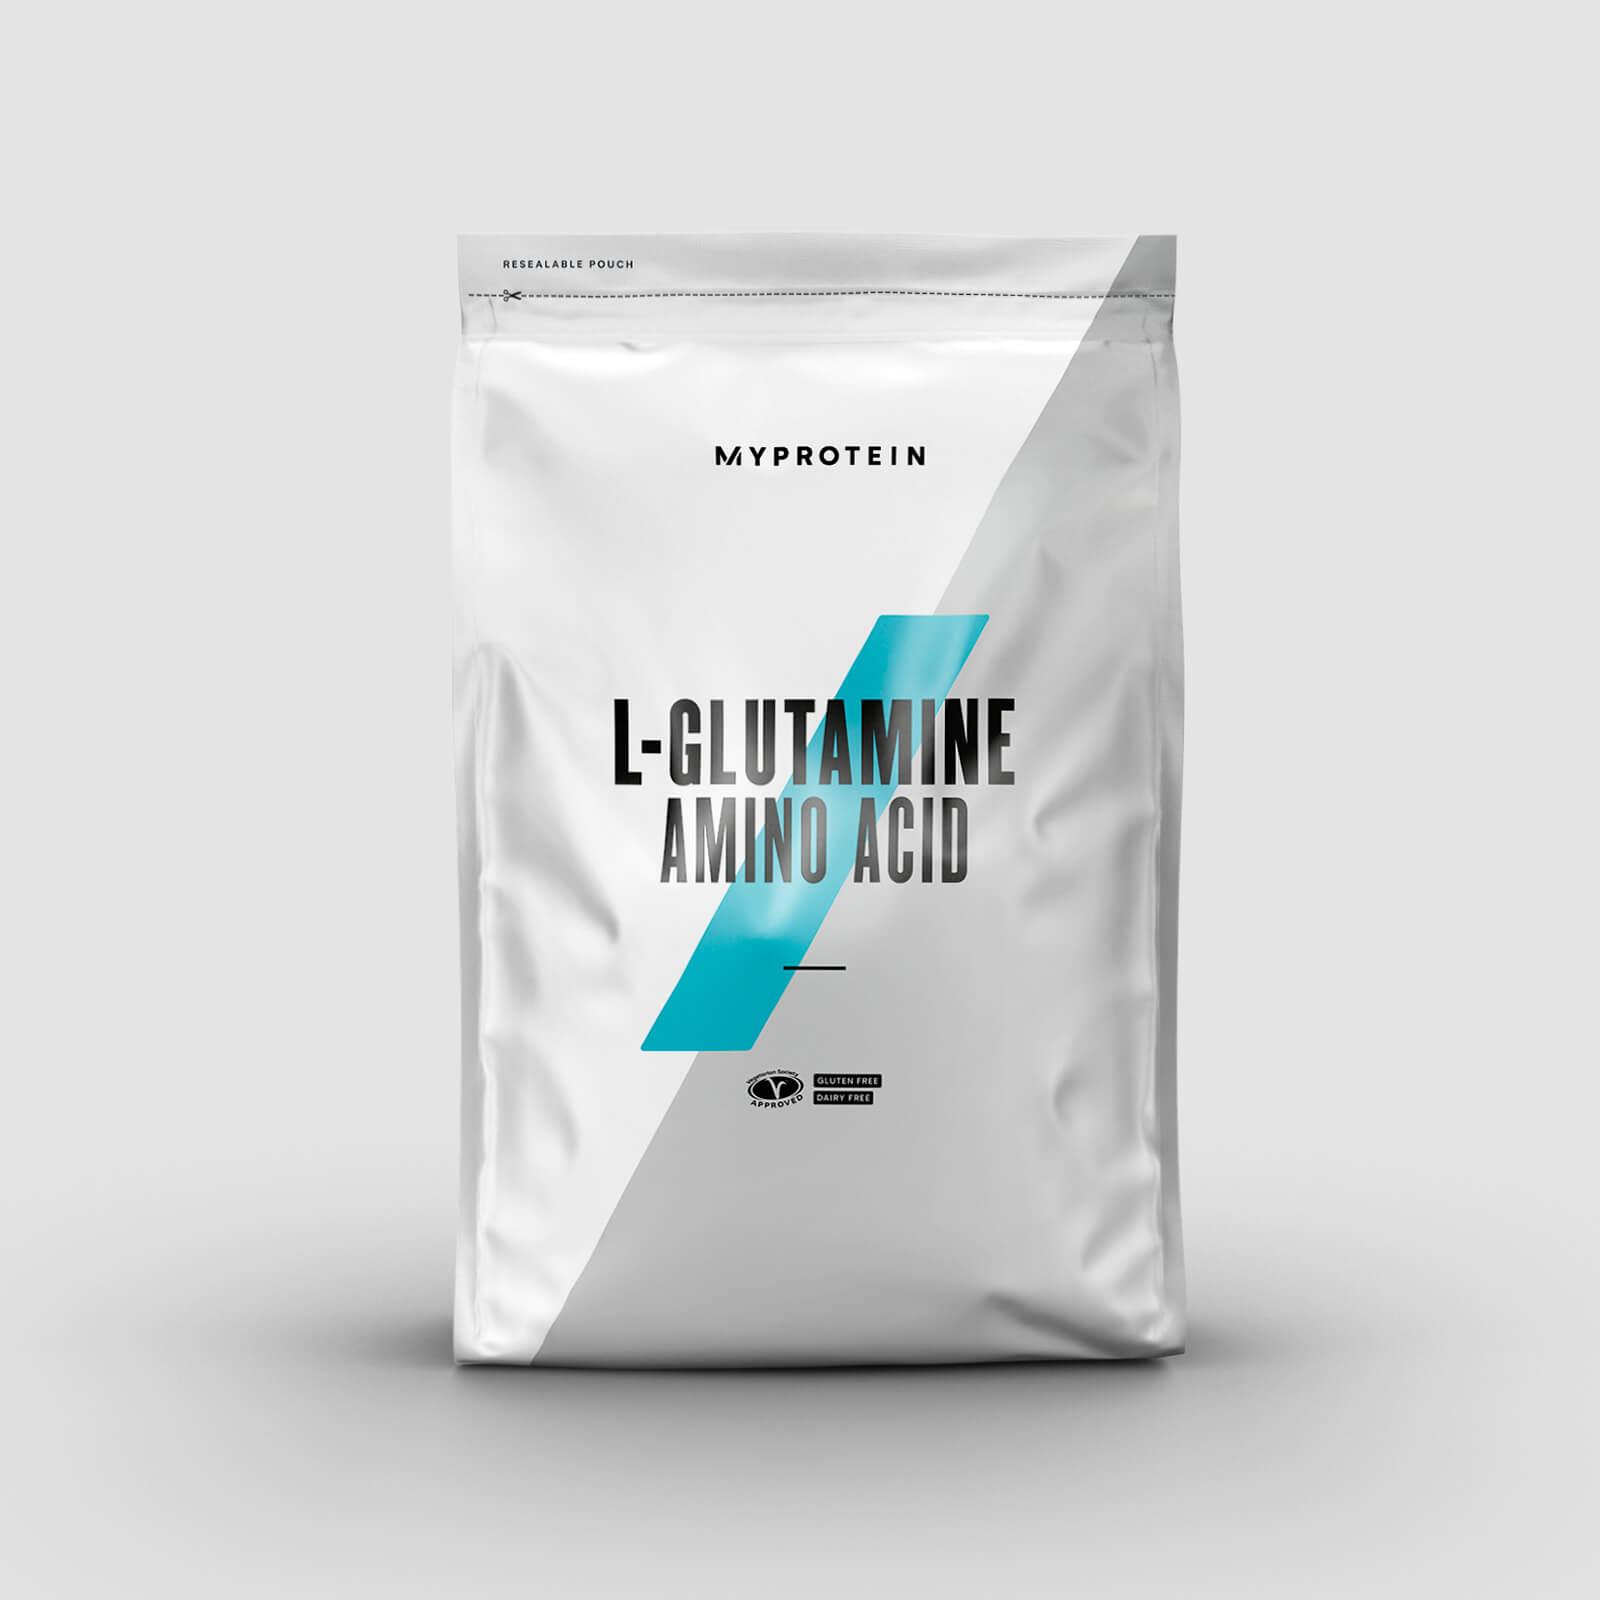 Myprotein L-Glutamine Powder - 250g - Tropical